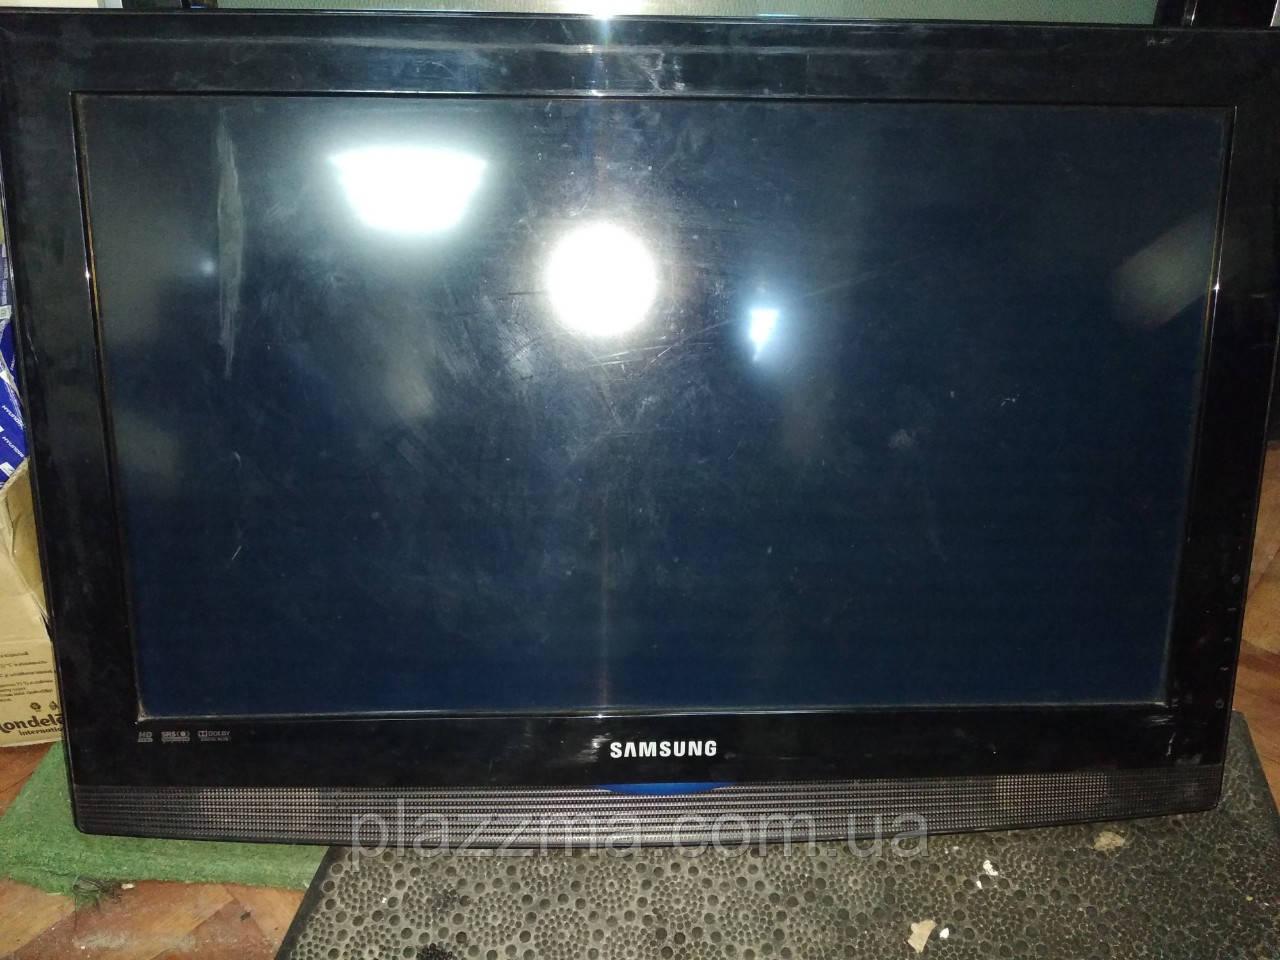 Телевізор Samsung LE26B360F1WX на запчастини або відновлення